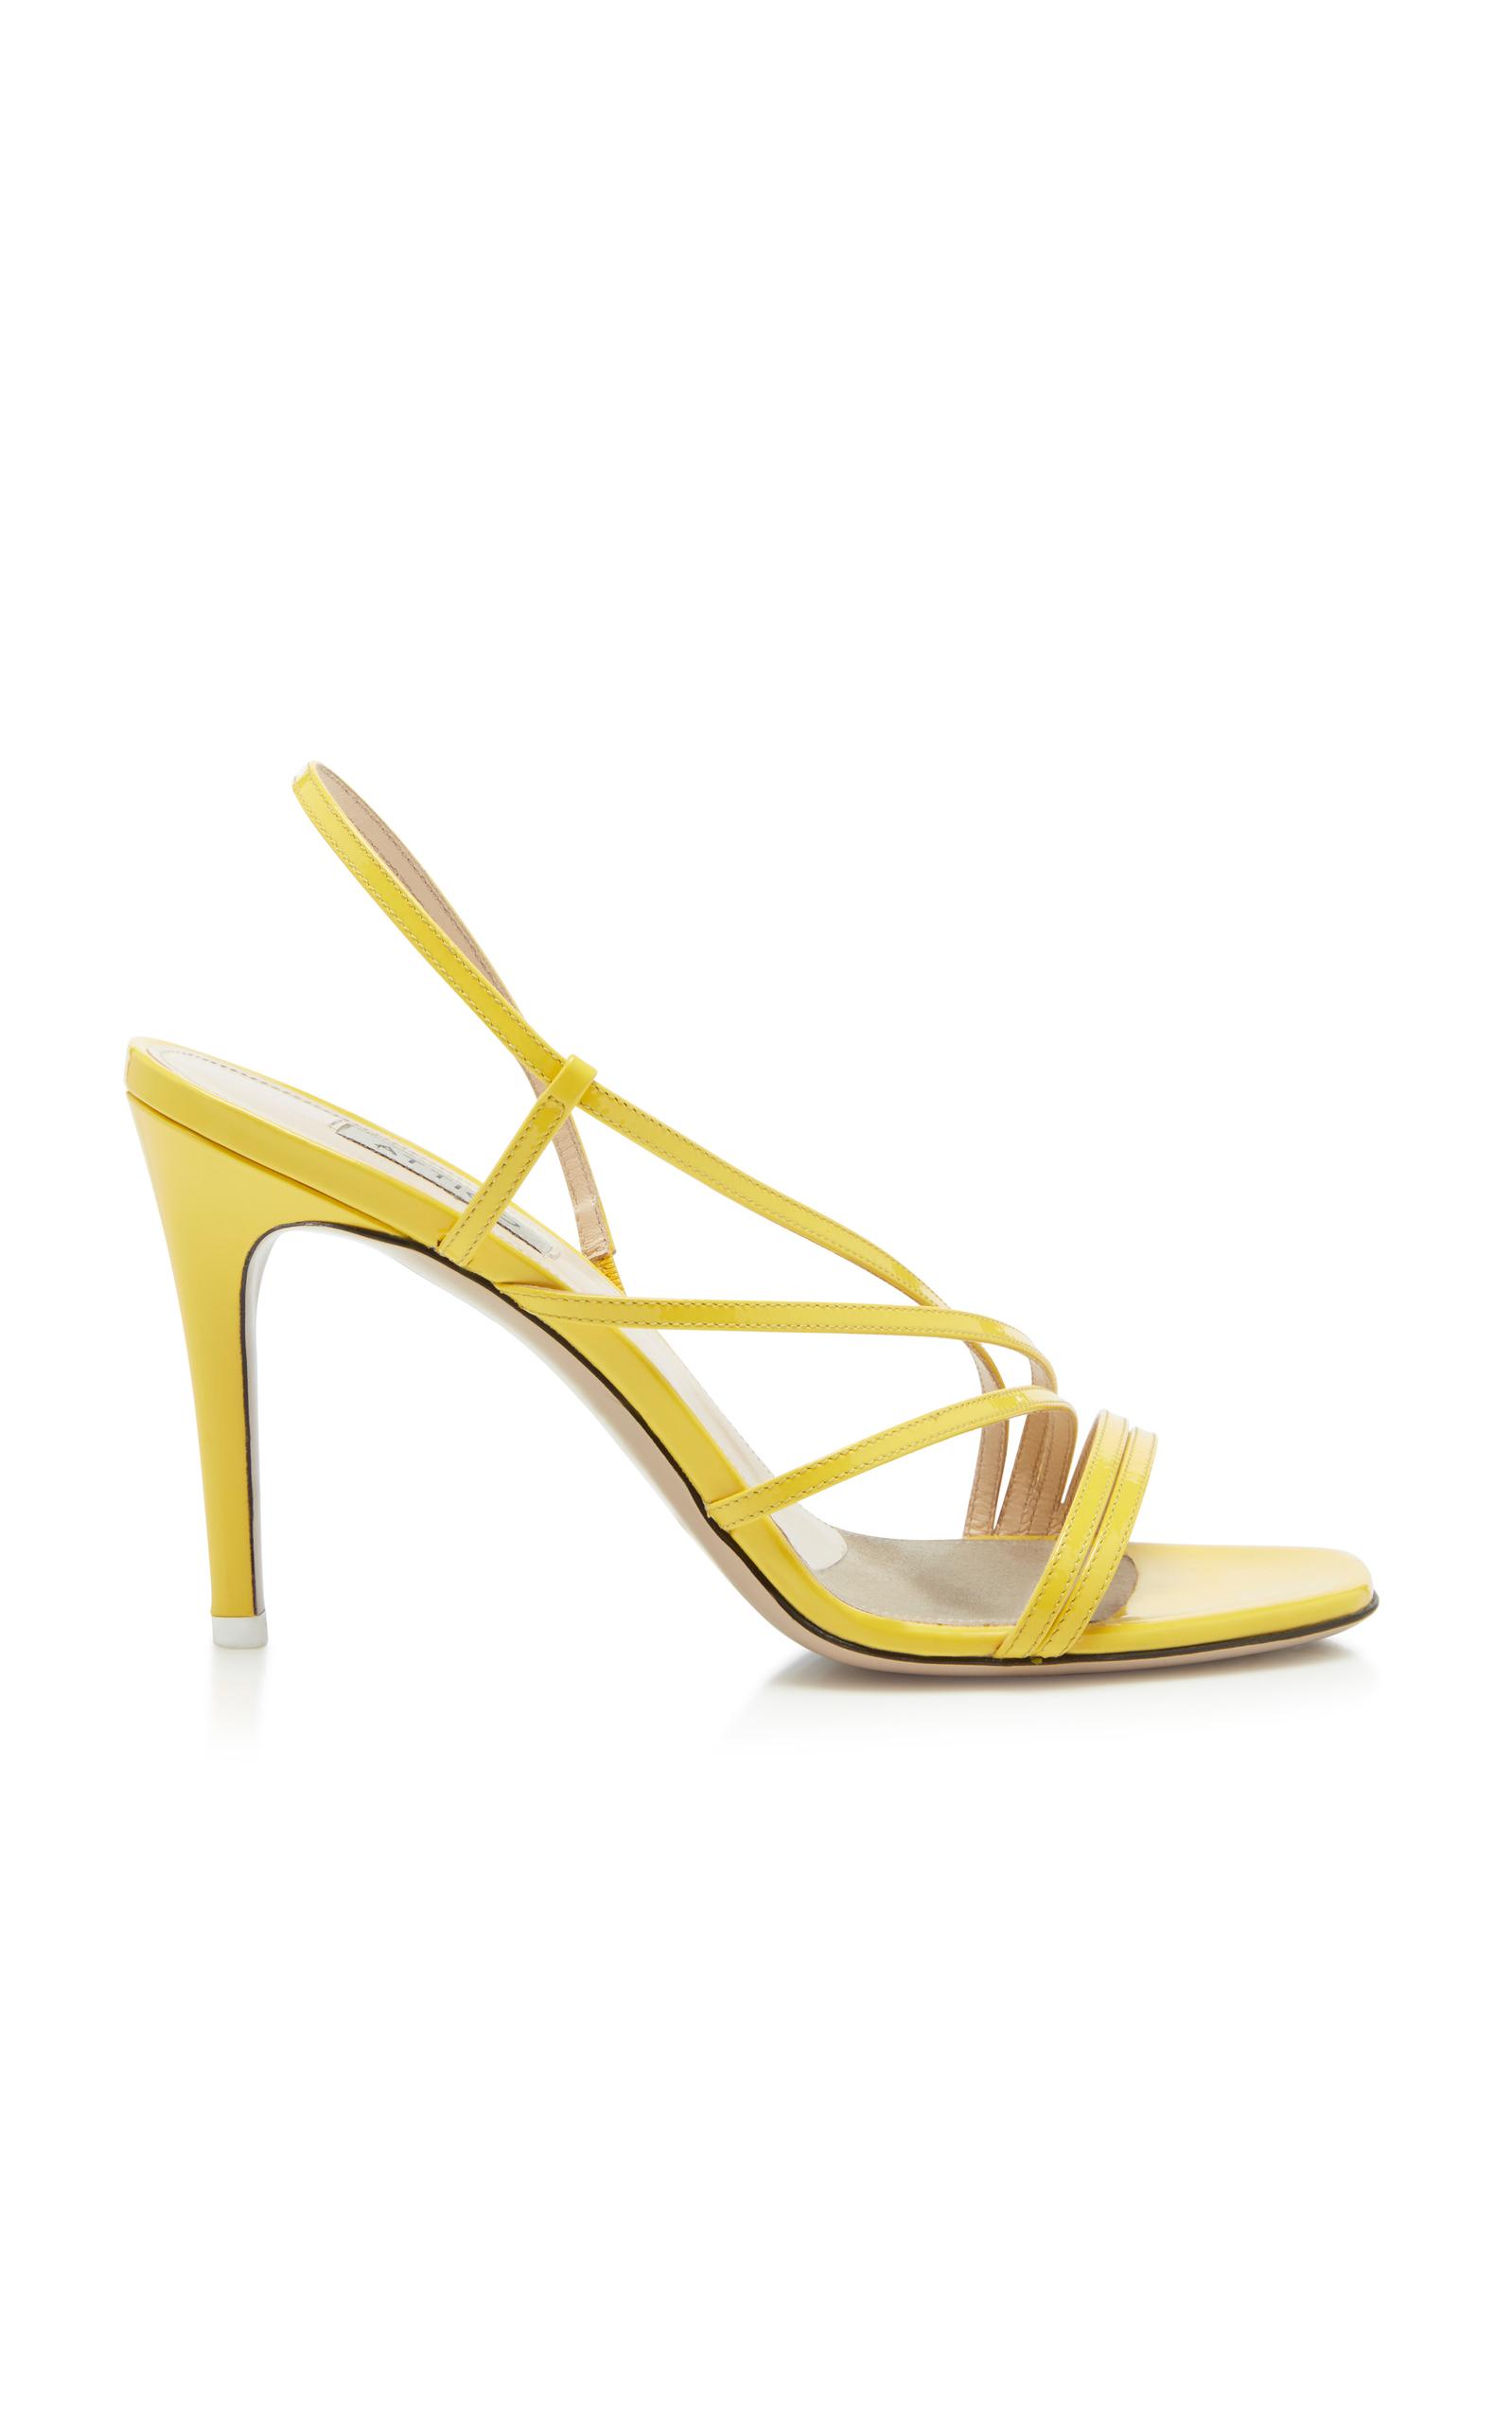 ATTICO Leather Sandals 5foqQR